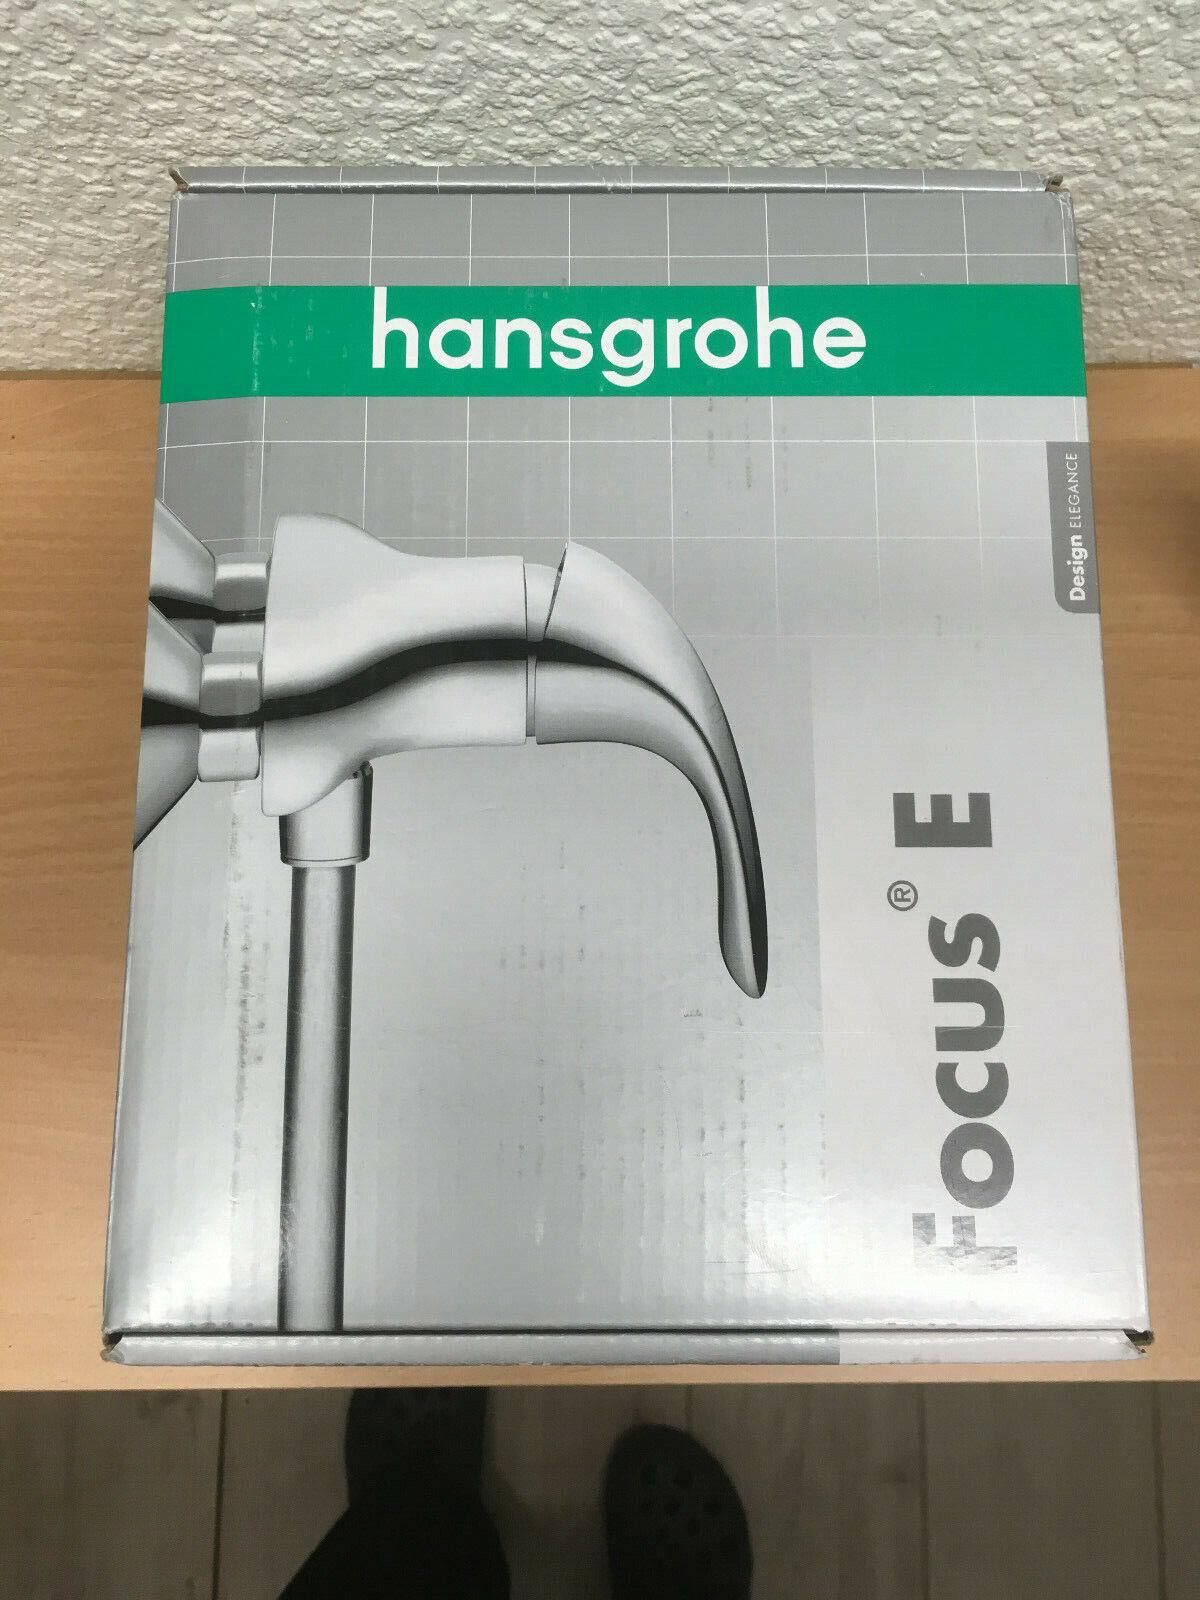 Hansgrohe Armatur Focus E EHM für Brause 31760 chrom 4006596095365 | Neuartiges Design  | Umweltfreundlich  | Deutschland Berlin  | Deutschland